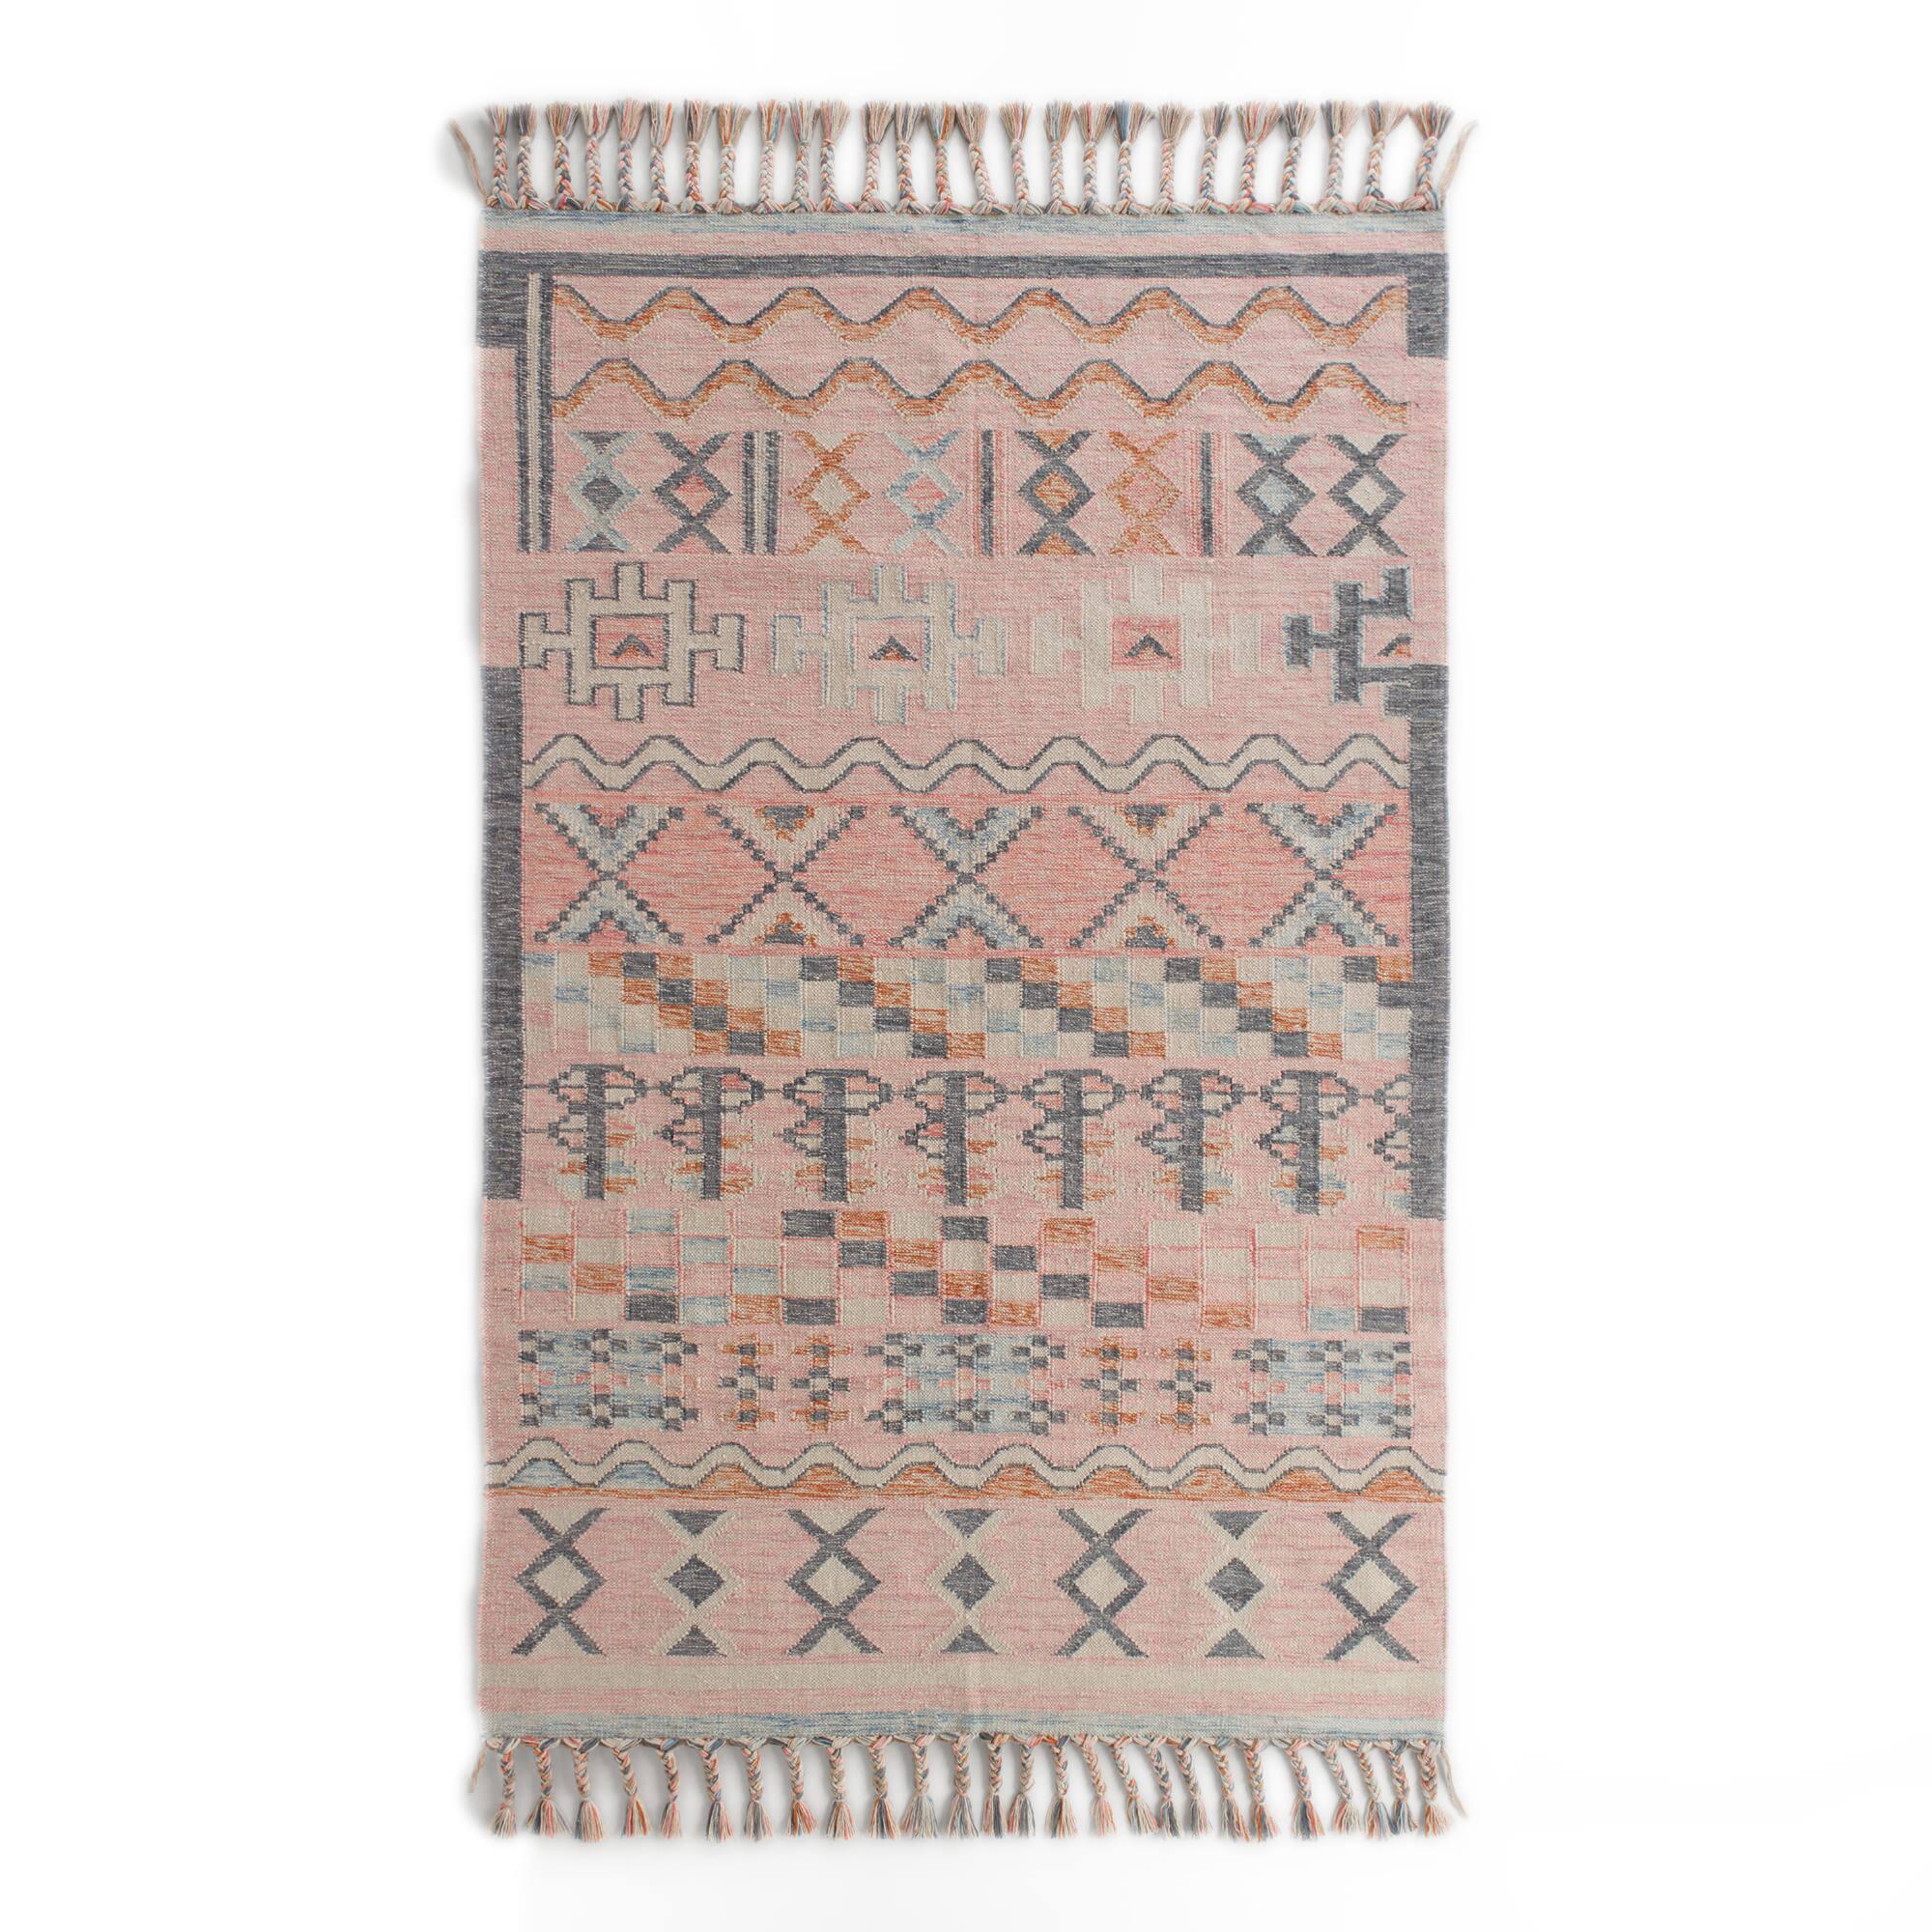 pink-rug-world-market-2.jpg